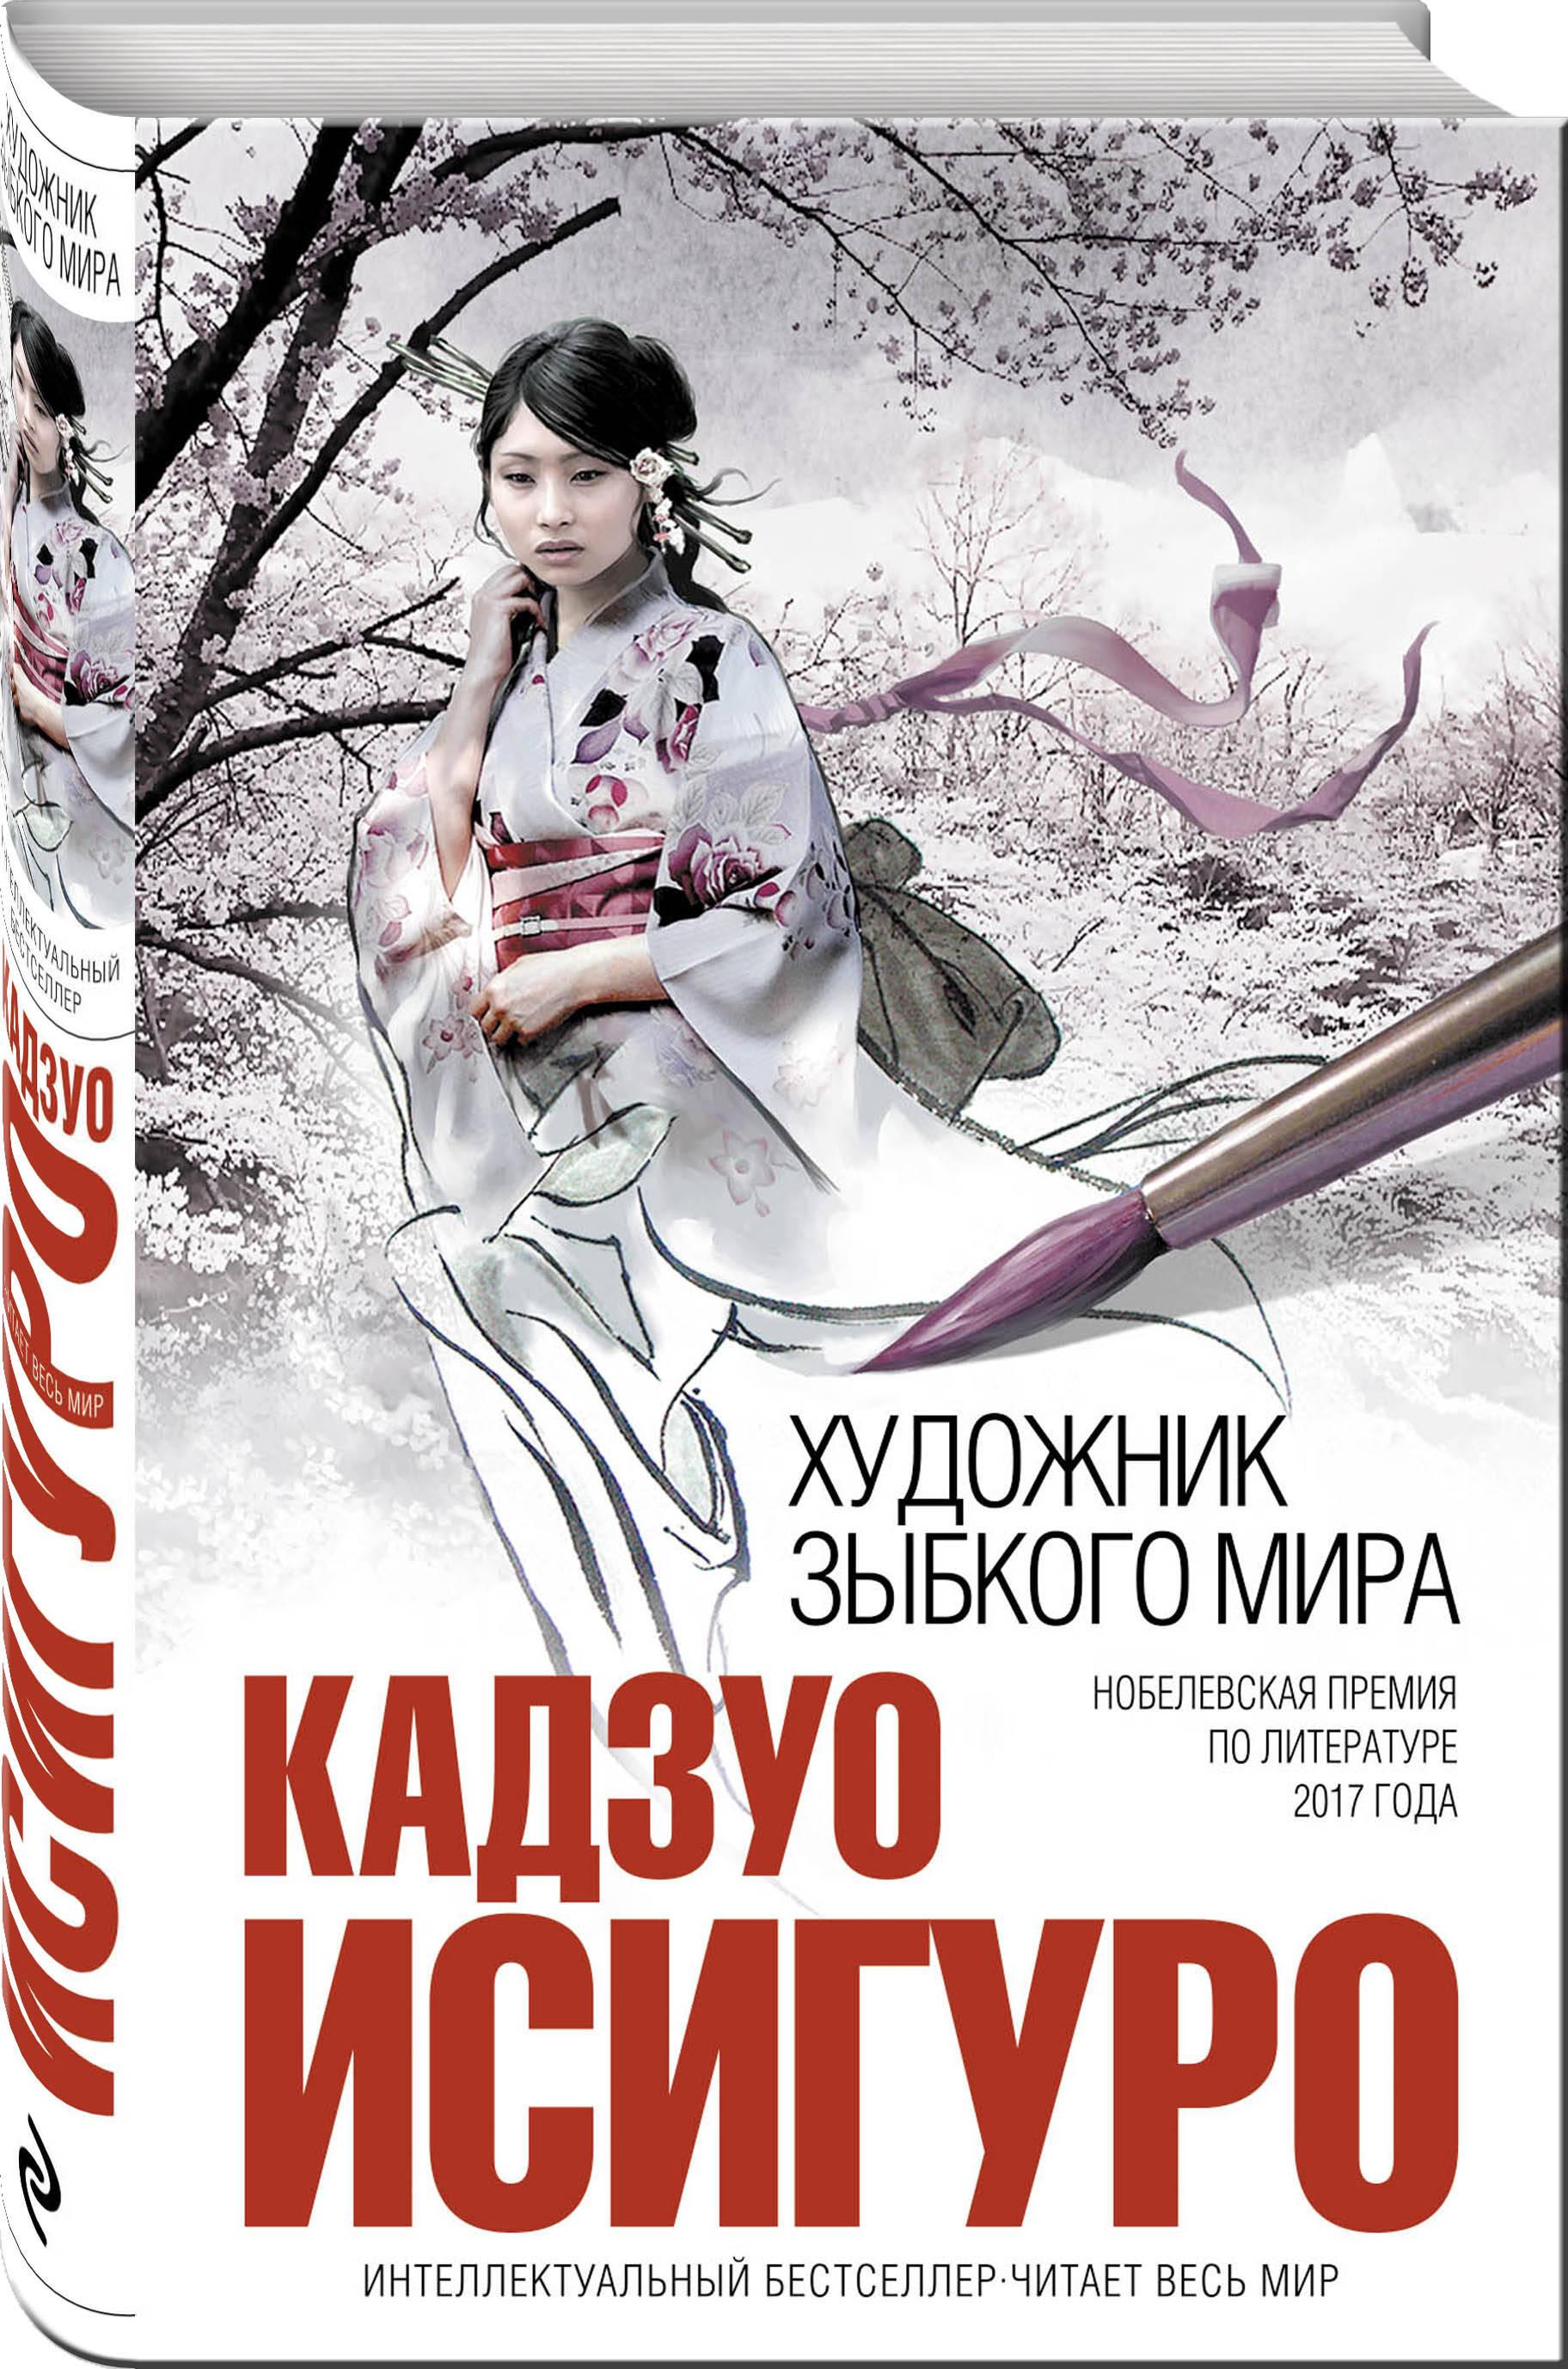 Кадзуо Исигуро Художник зыбкого мира